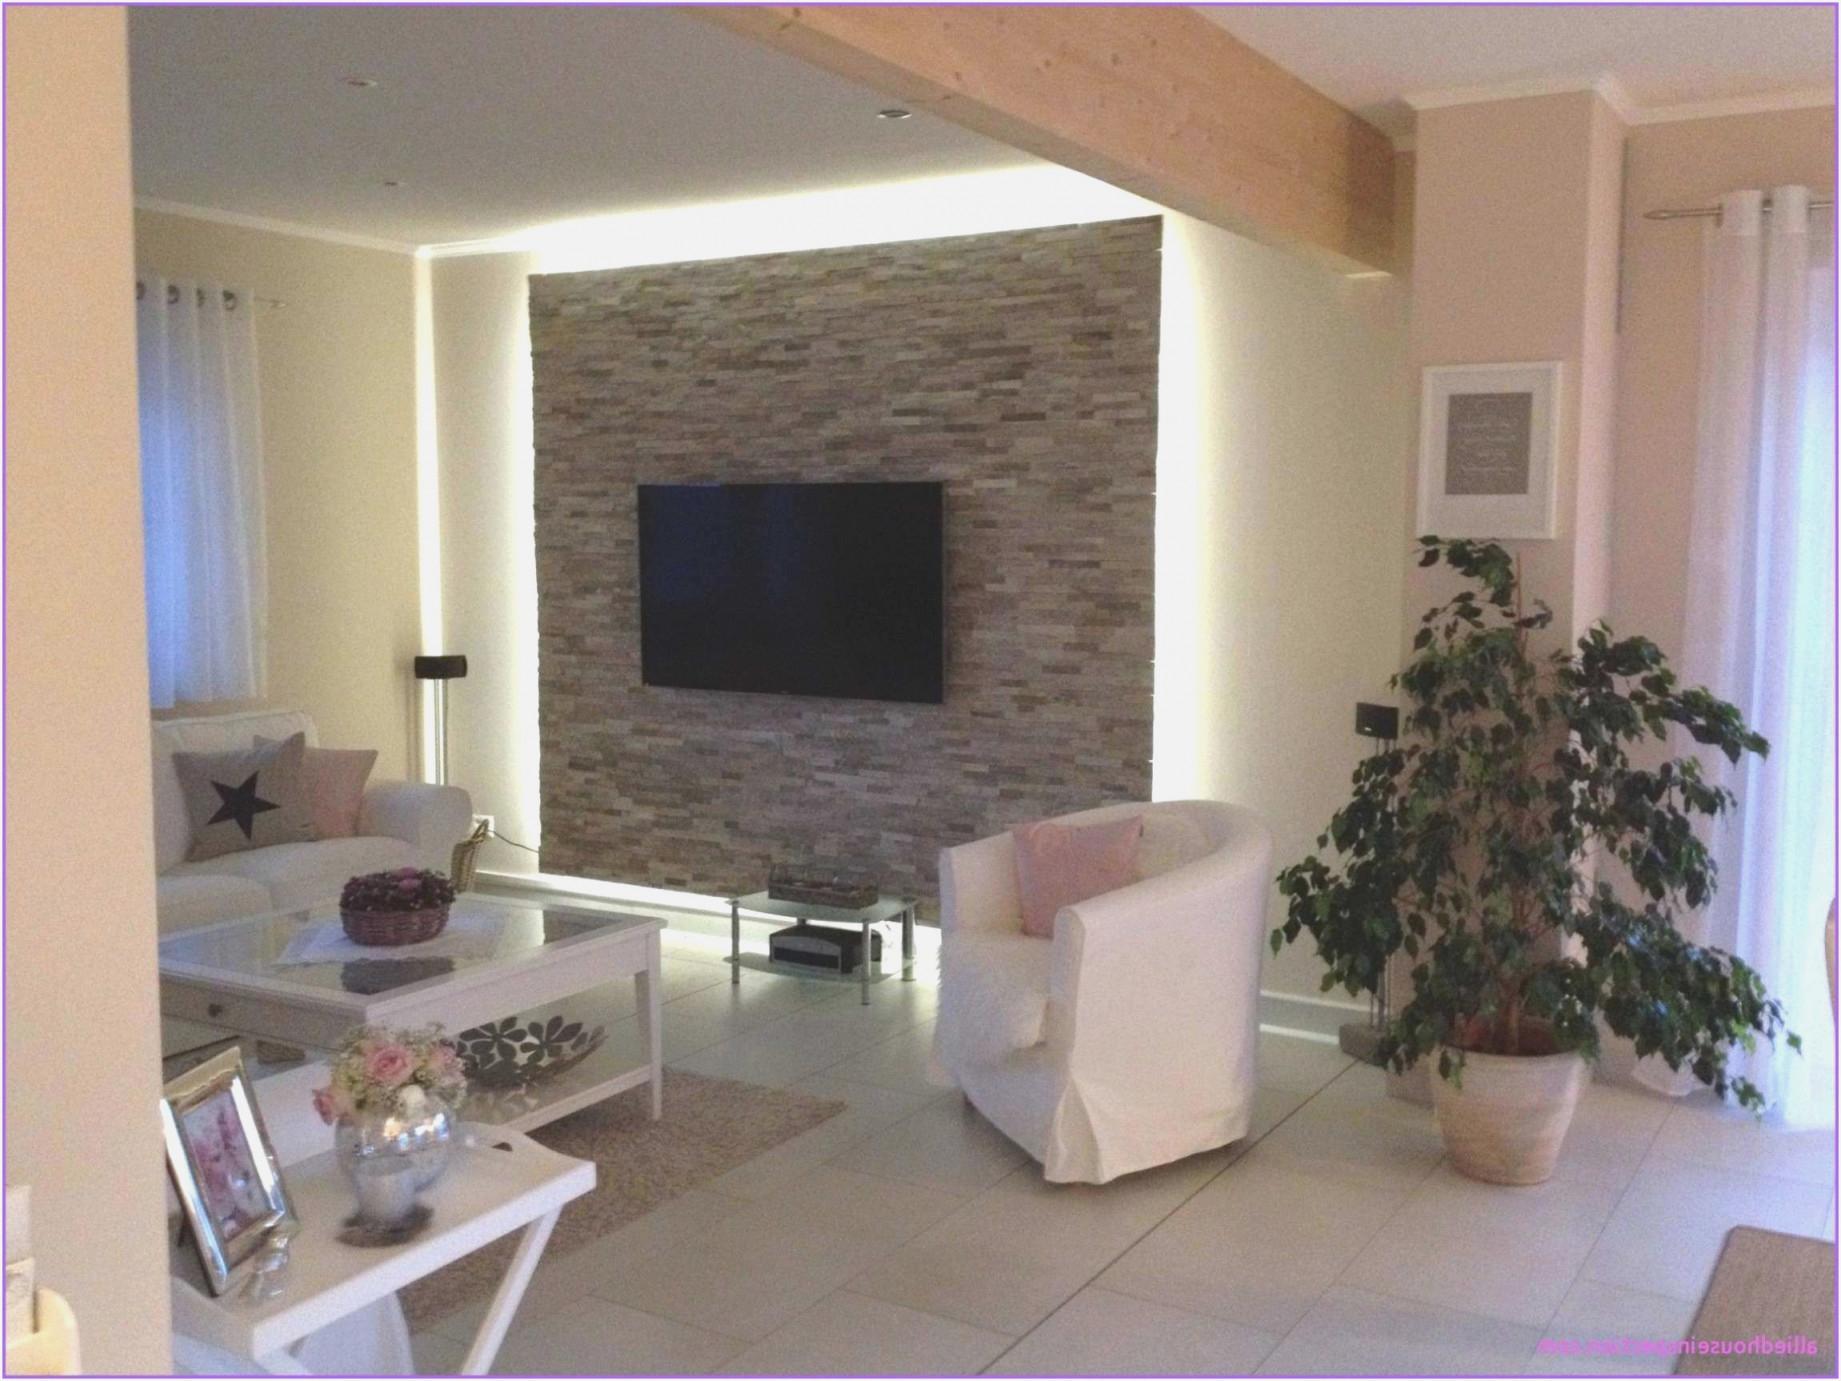 Kleines Wohnzimmer Einrichten Mit Esstisch  Wohnzimmer von Kleines Wohnzimmer Einrichten Mit Esstisch Bild